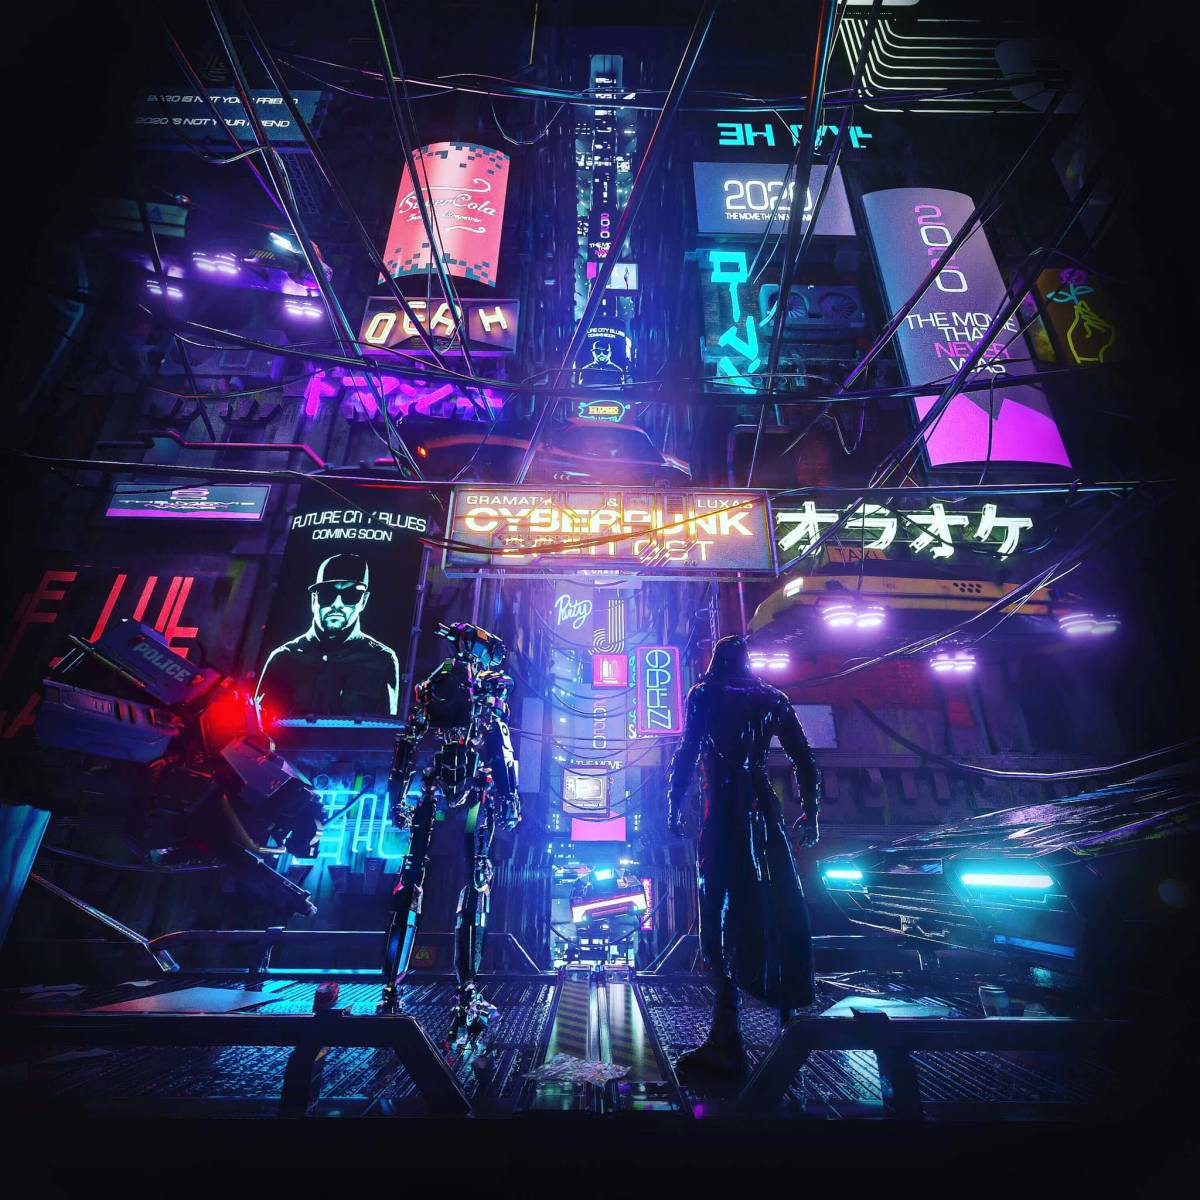 Gramatik & Luxas Cyberpunk 2020 OST